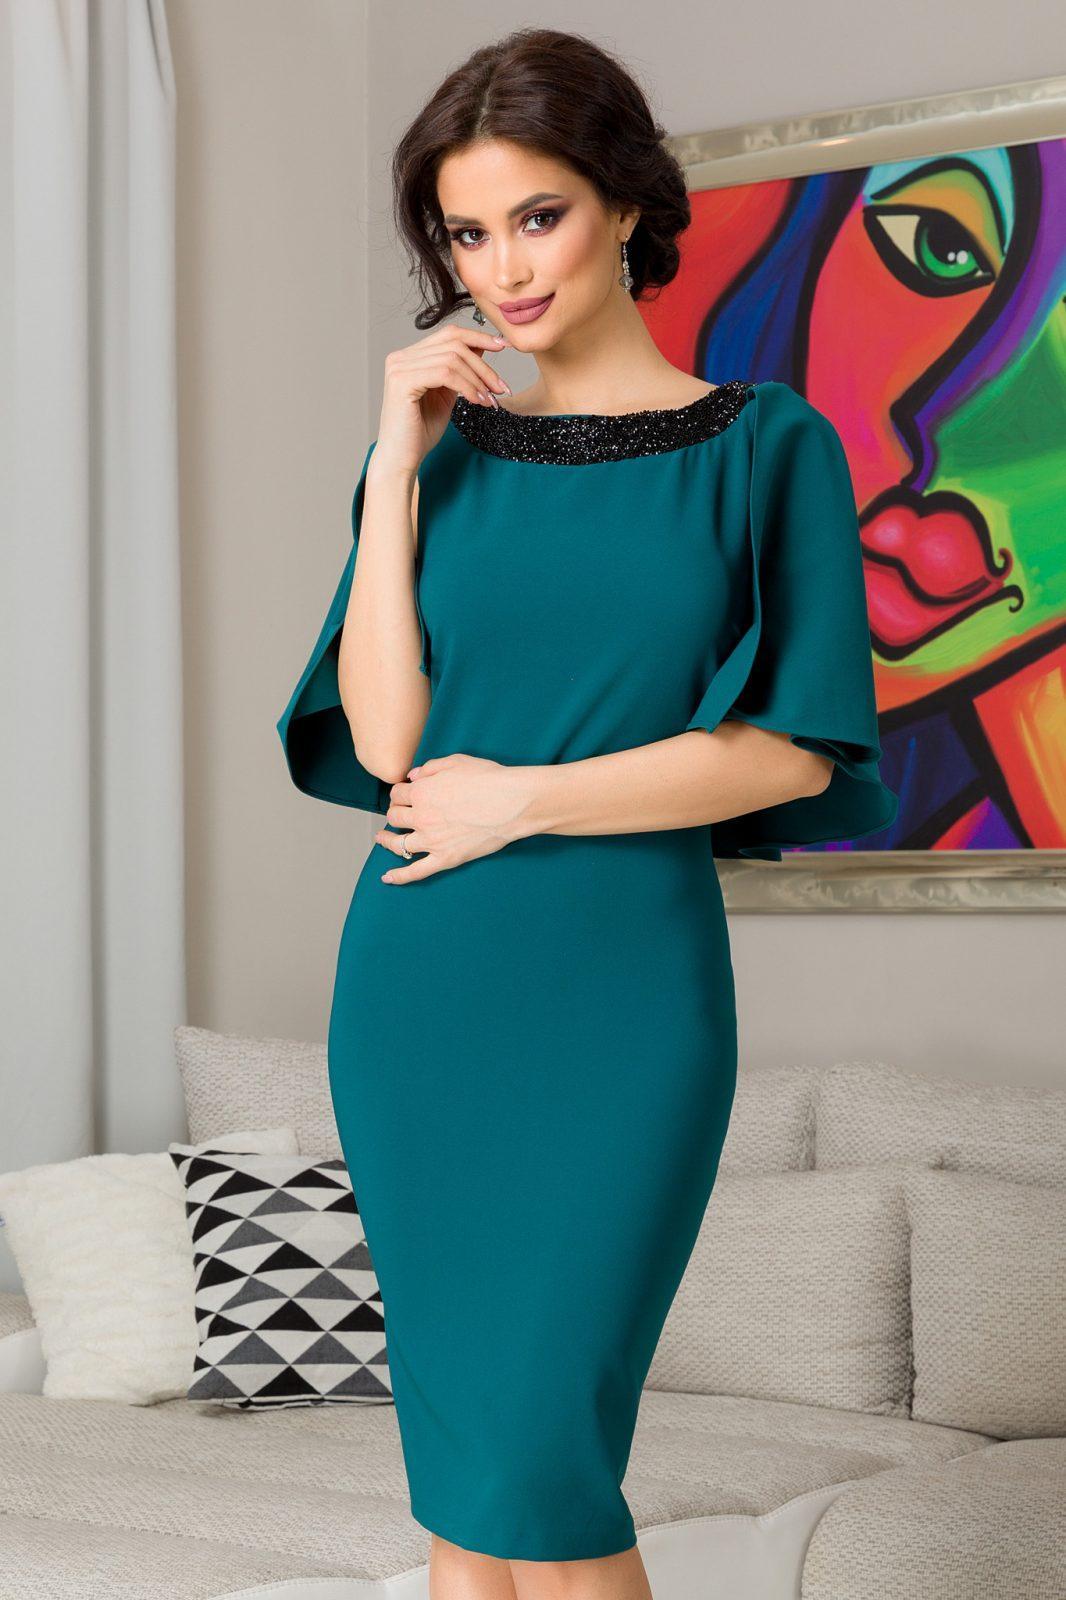 Hermione Green Dress